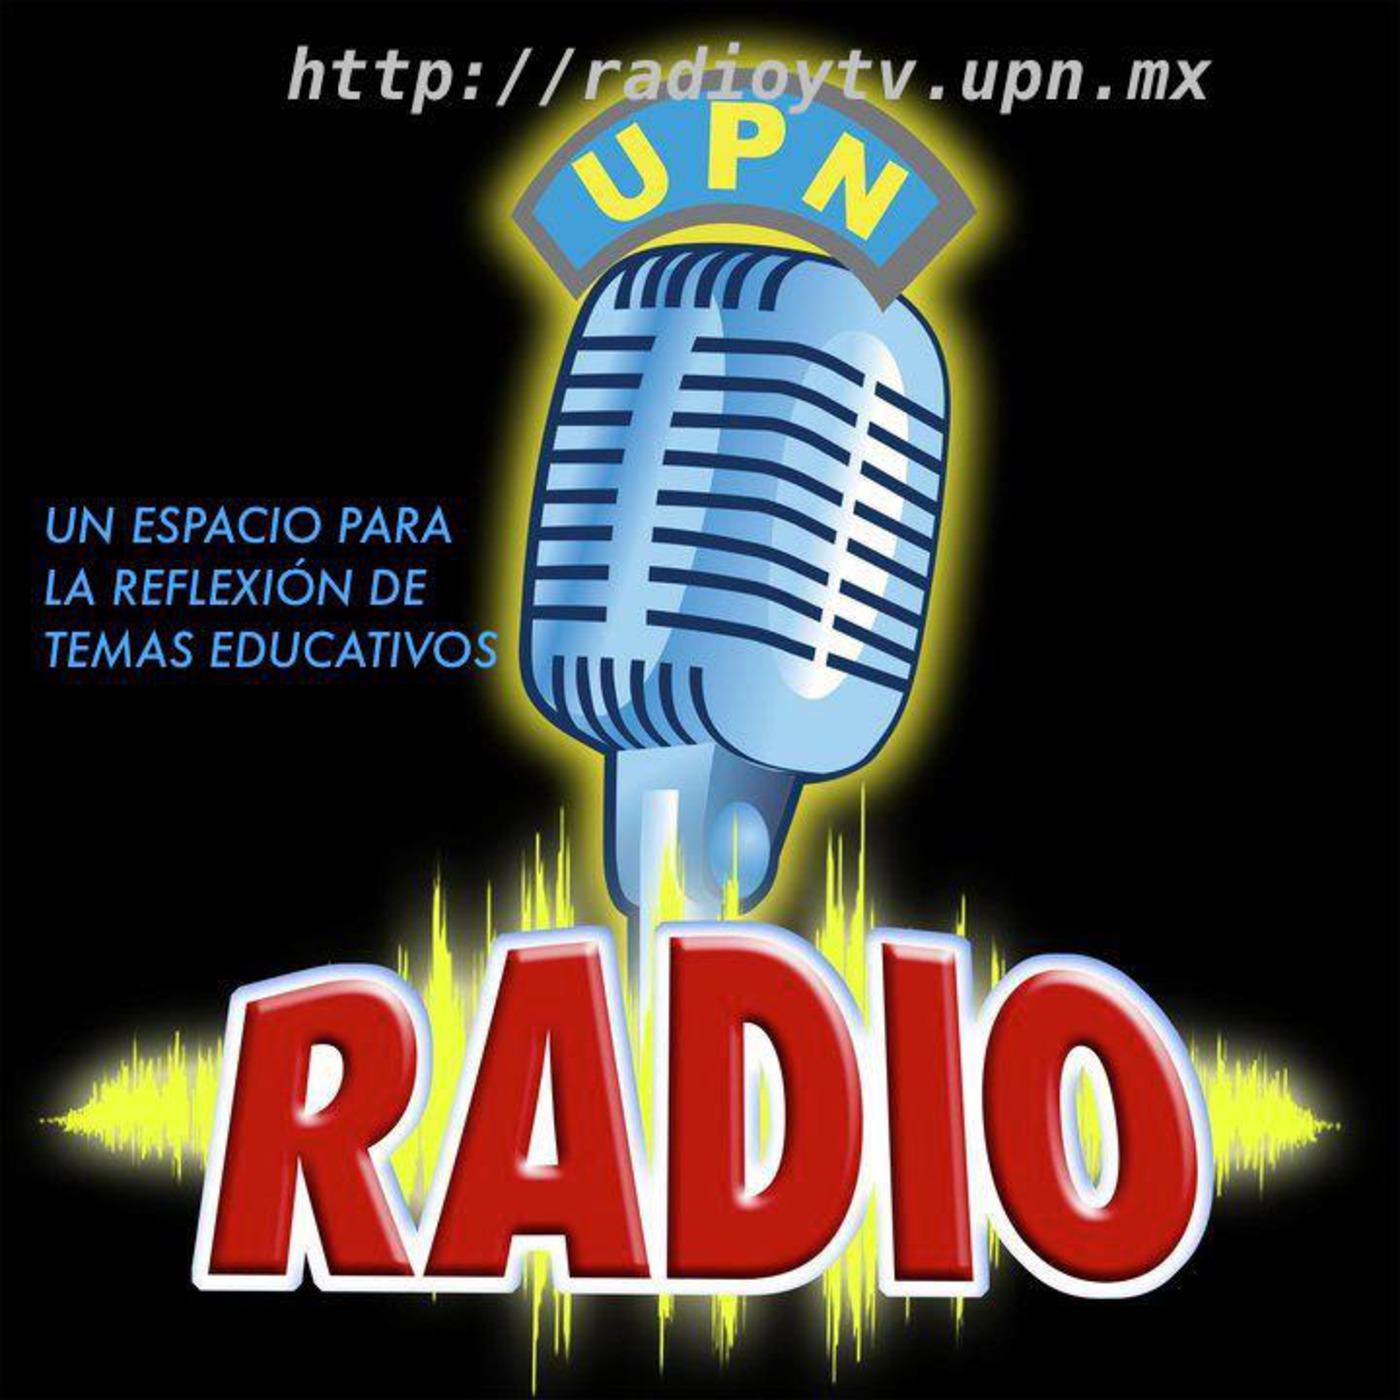 UPN RADIO